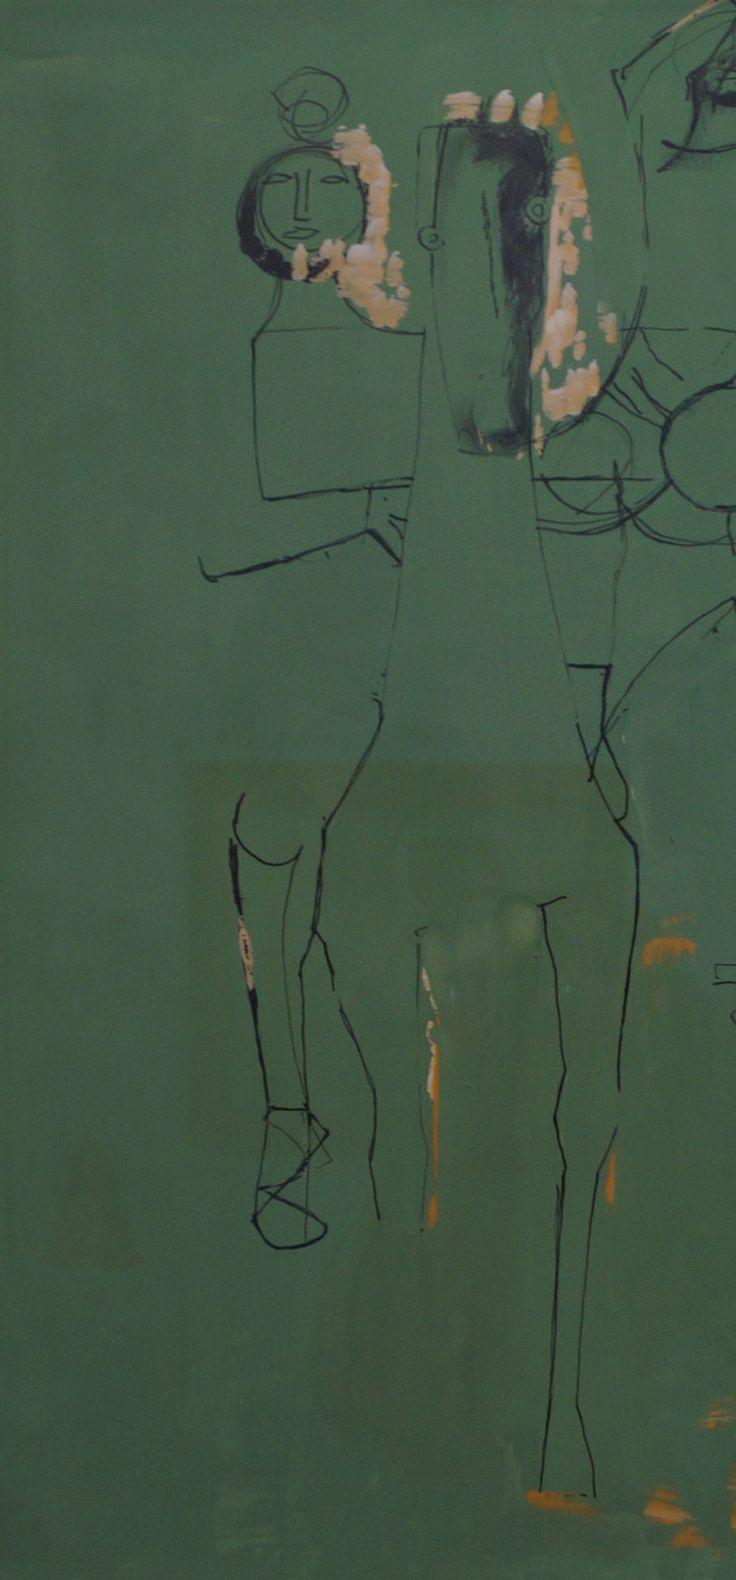 Marino Marini  Cavallo e giocolieri, 1953  Studio Guastalla